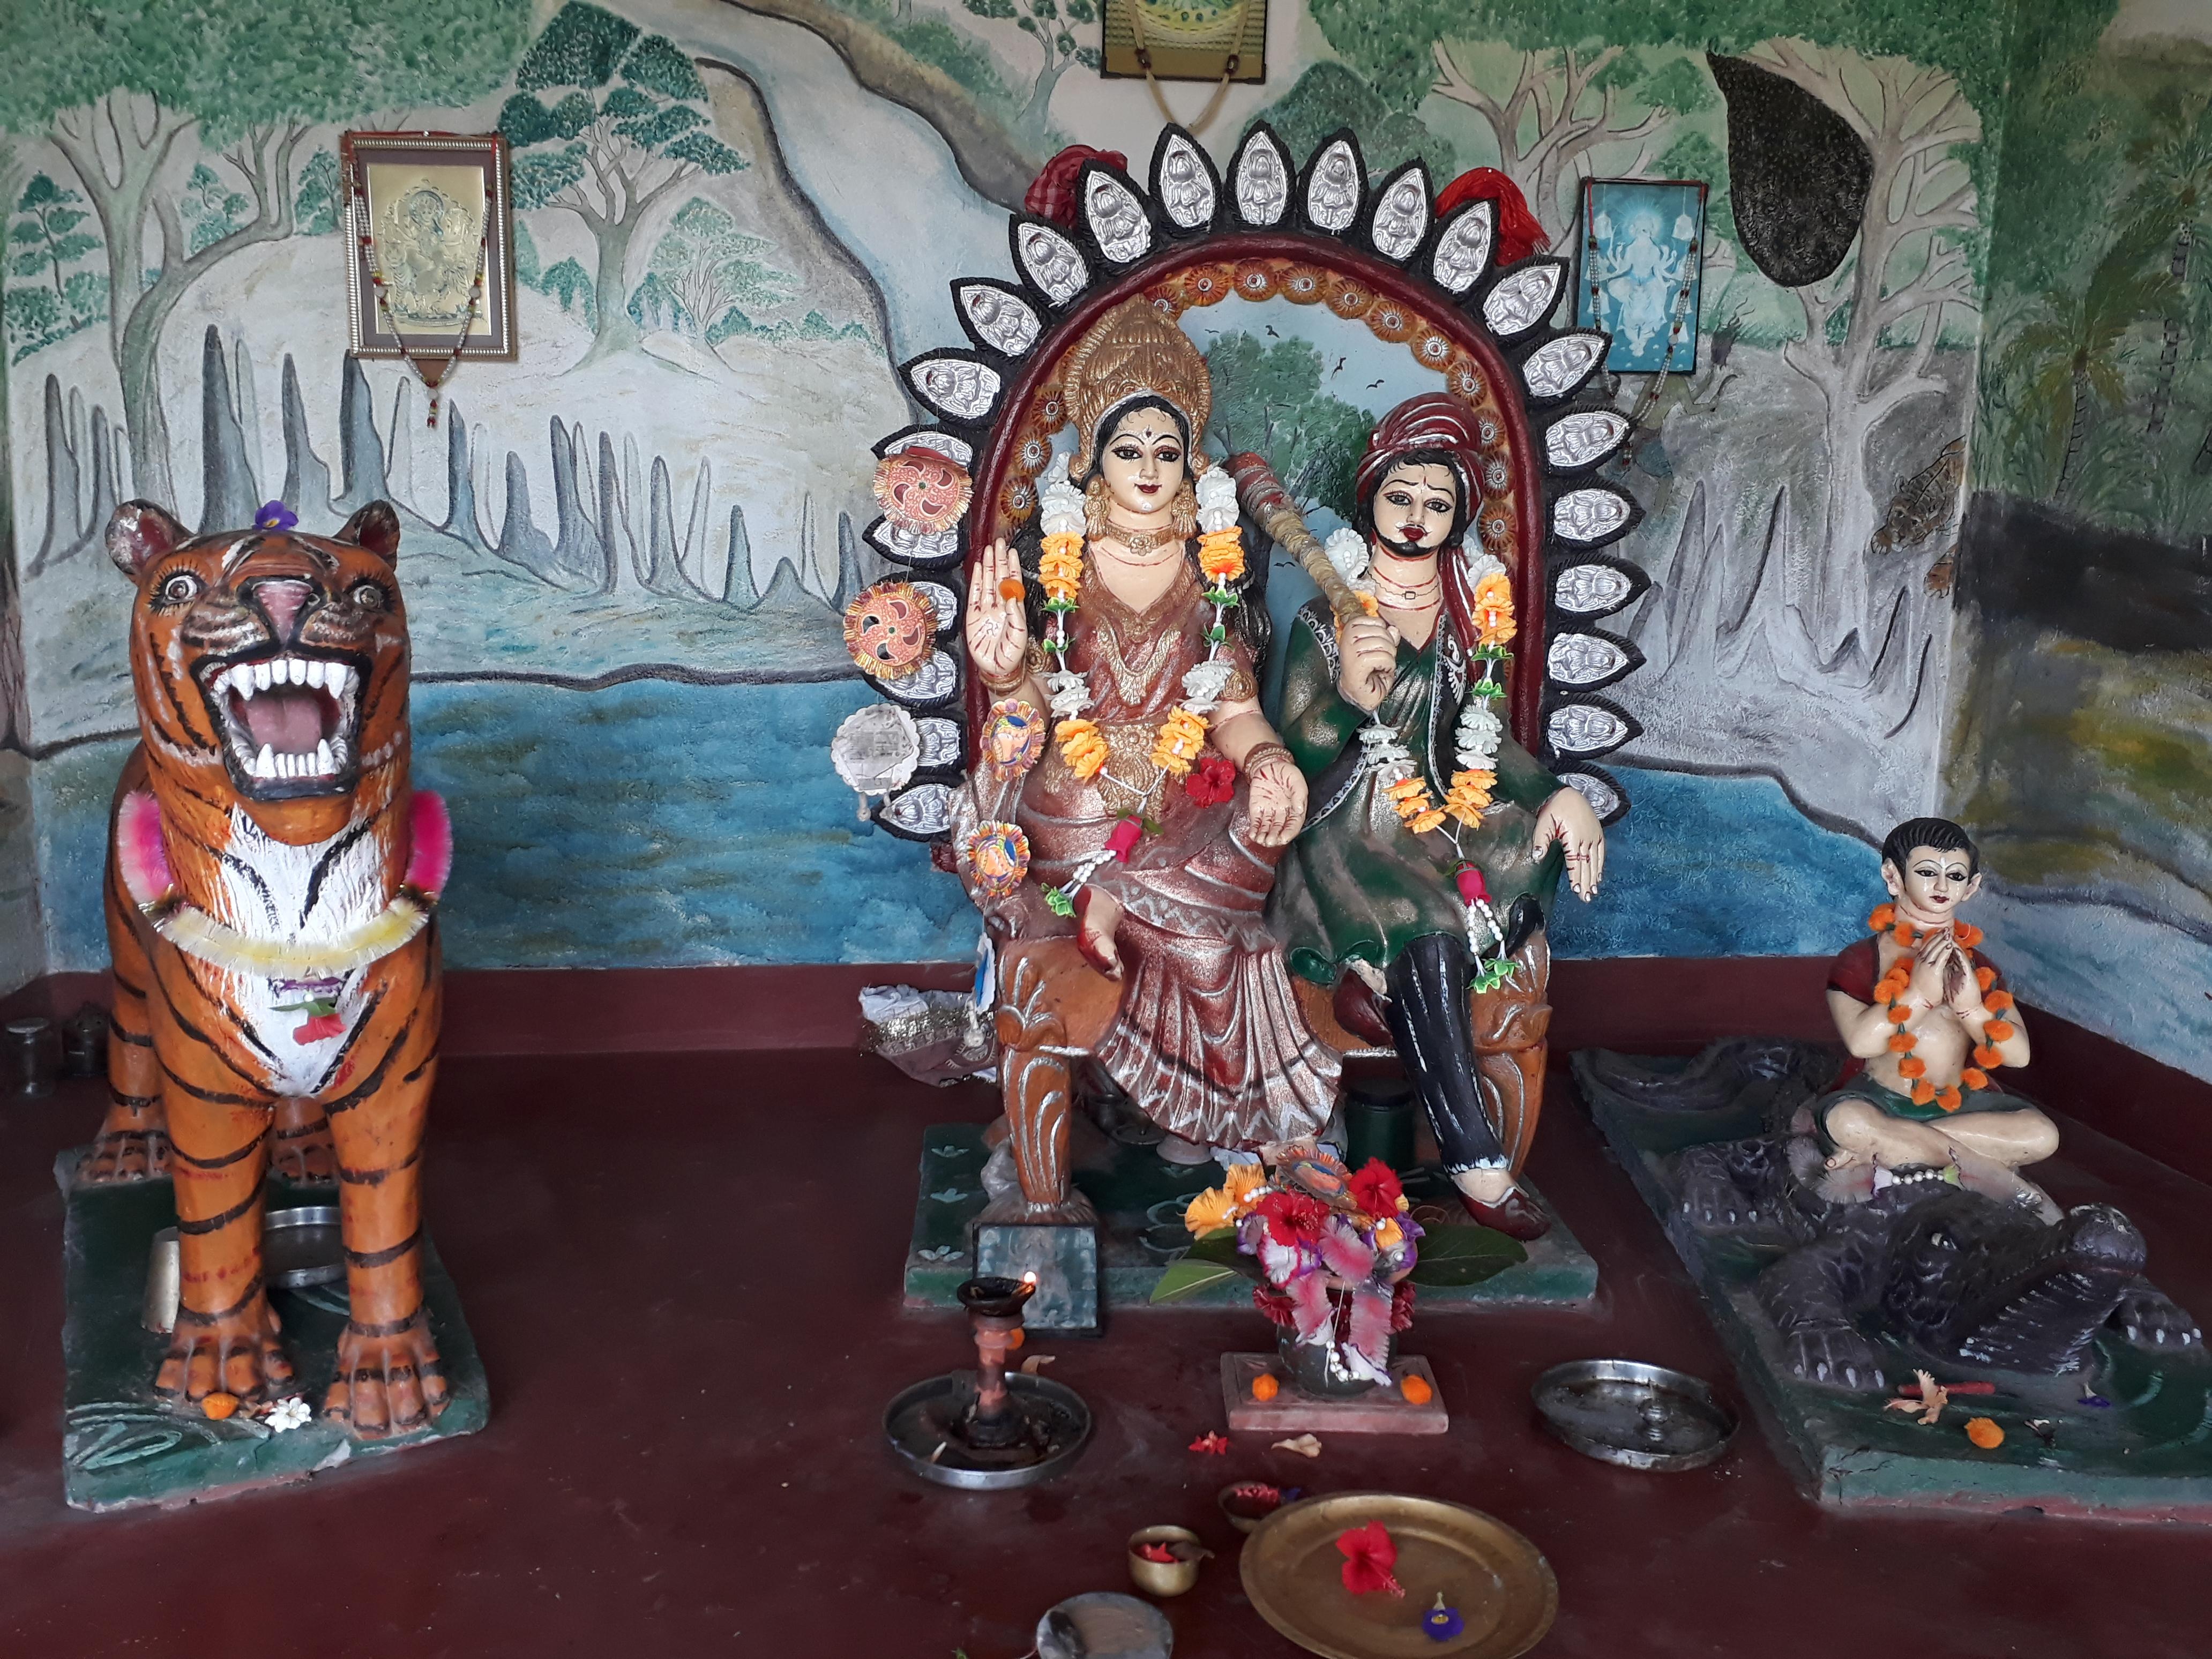 Bonbibi in Dayapur temple, Sunderban